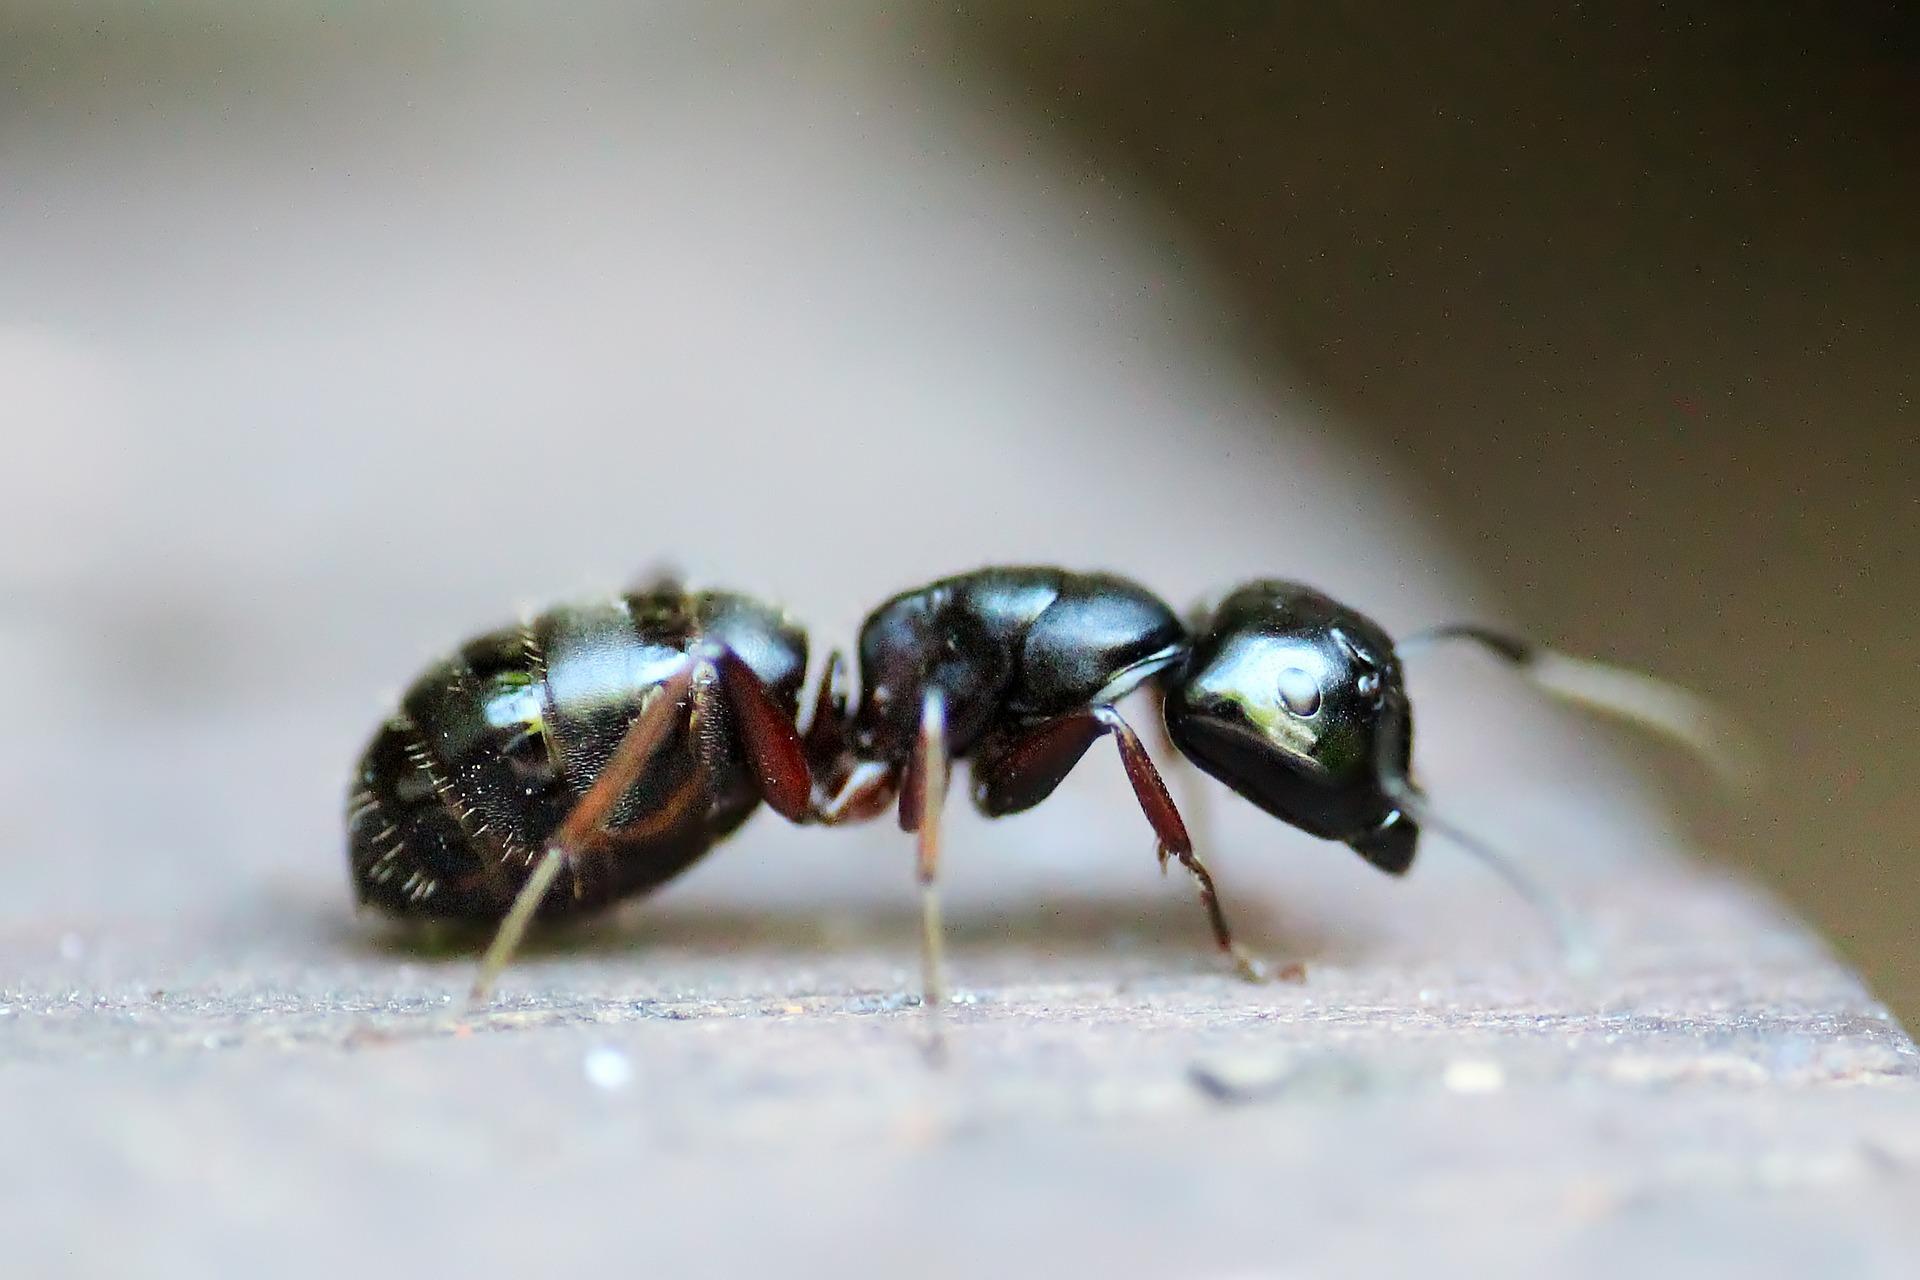 Traitements fourmis fourmis d 39 argentine fourmis des jardins pest control services - Fourmis dans le jardin ...